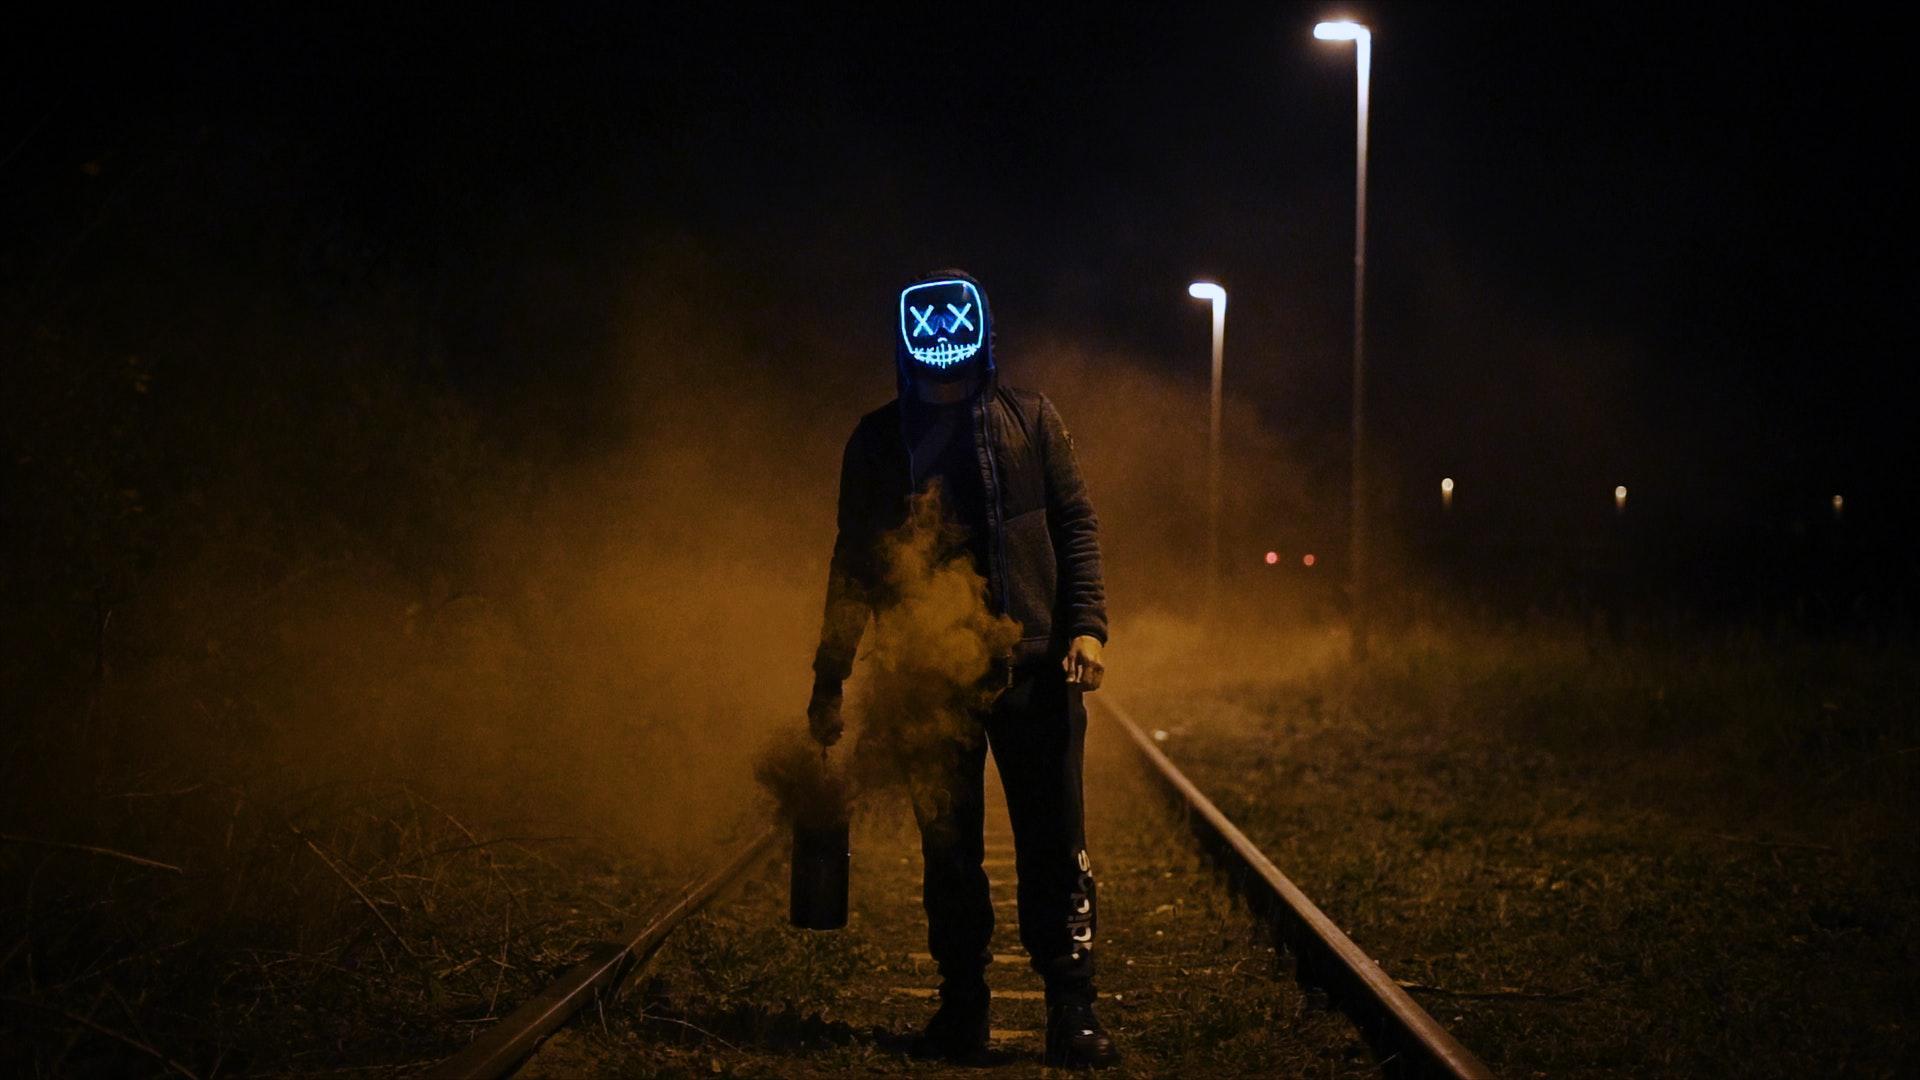 عکس زمینه مردی با ماسک در ایستاده راه آهن پس زمینه